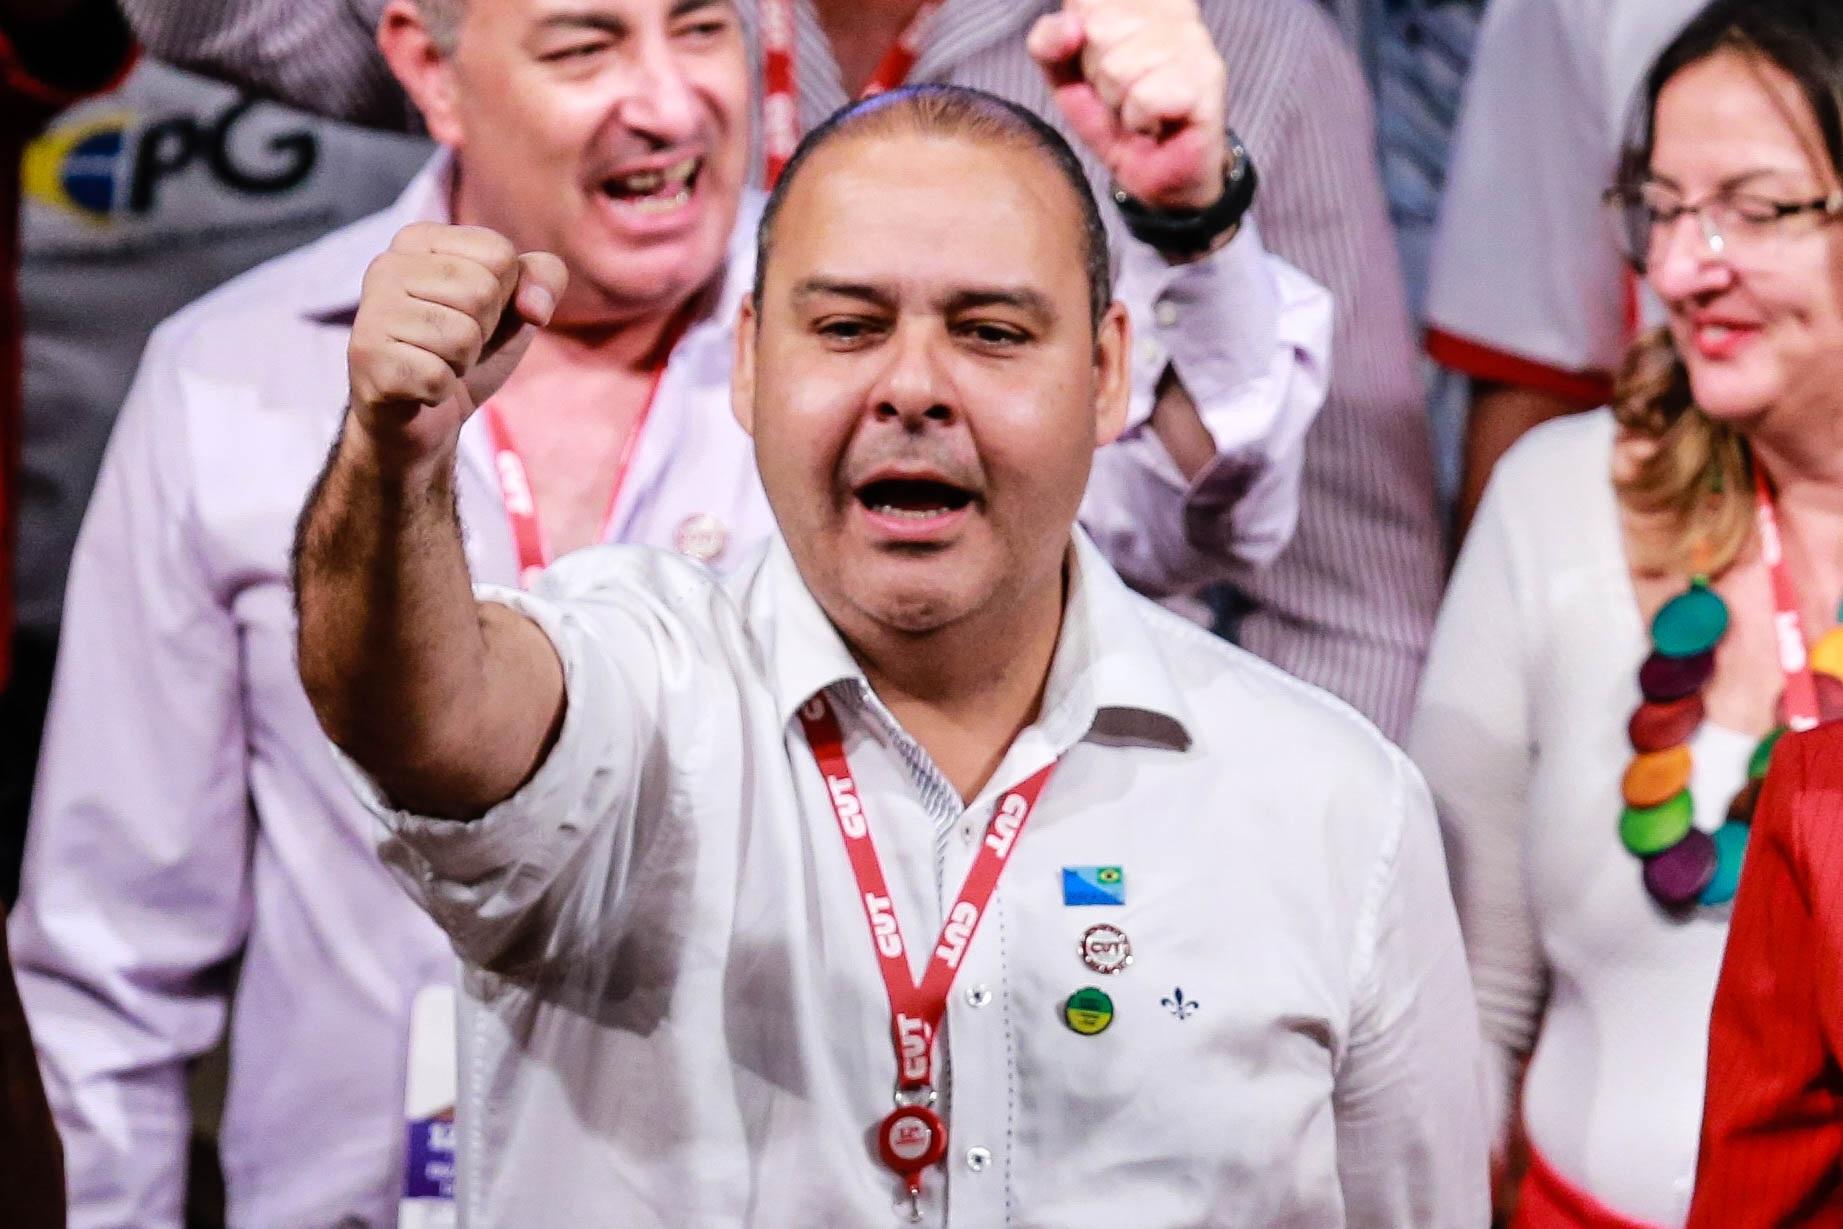 """Vagner Freitas: """"Se tem uma coisa que une trabalhadores de todo o mundo é o ataque brutal aos seus direitos"""". Foto Vanessa Carvalho/Brazil Photo Press"""